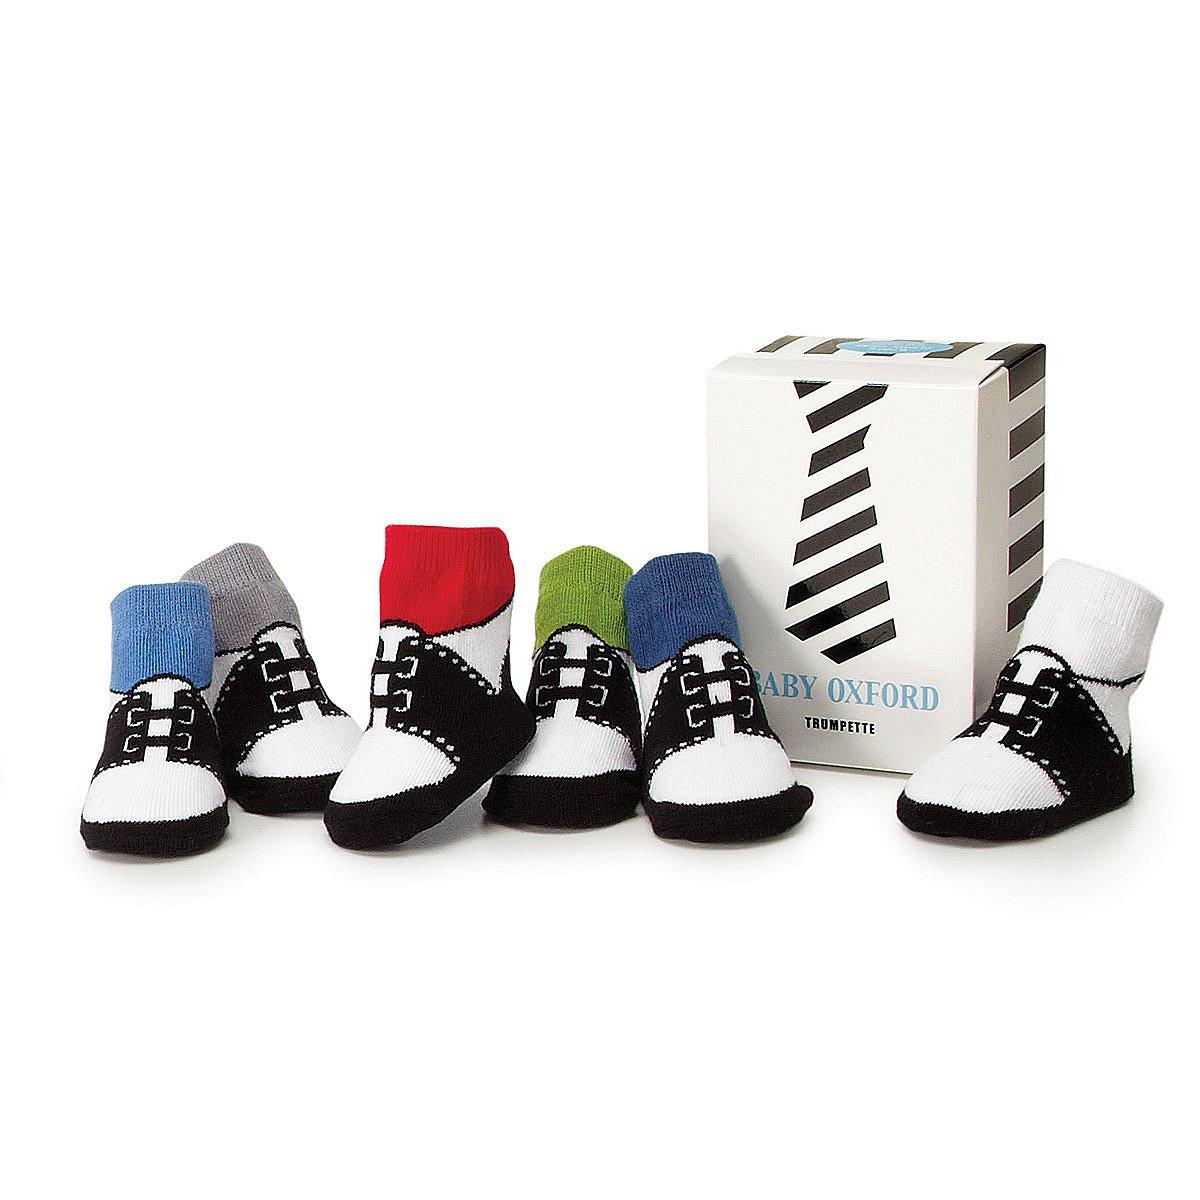 Baby Boy Oxford Socks - Set of 6 | Baby Shoe Socks | UncommonGoods